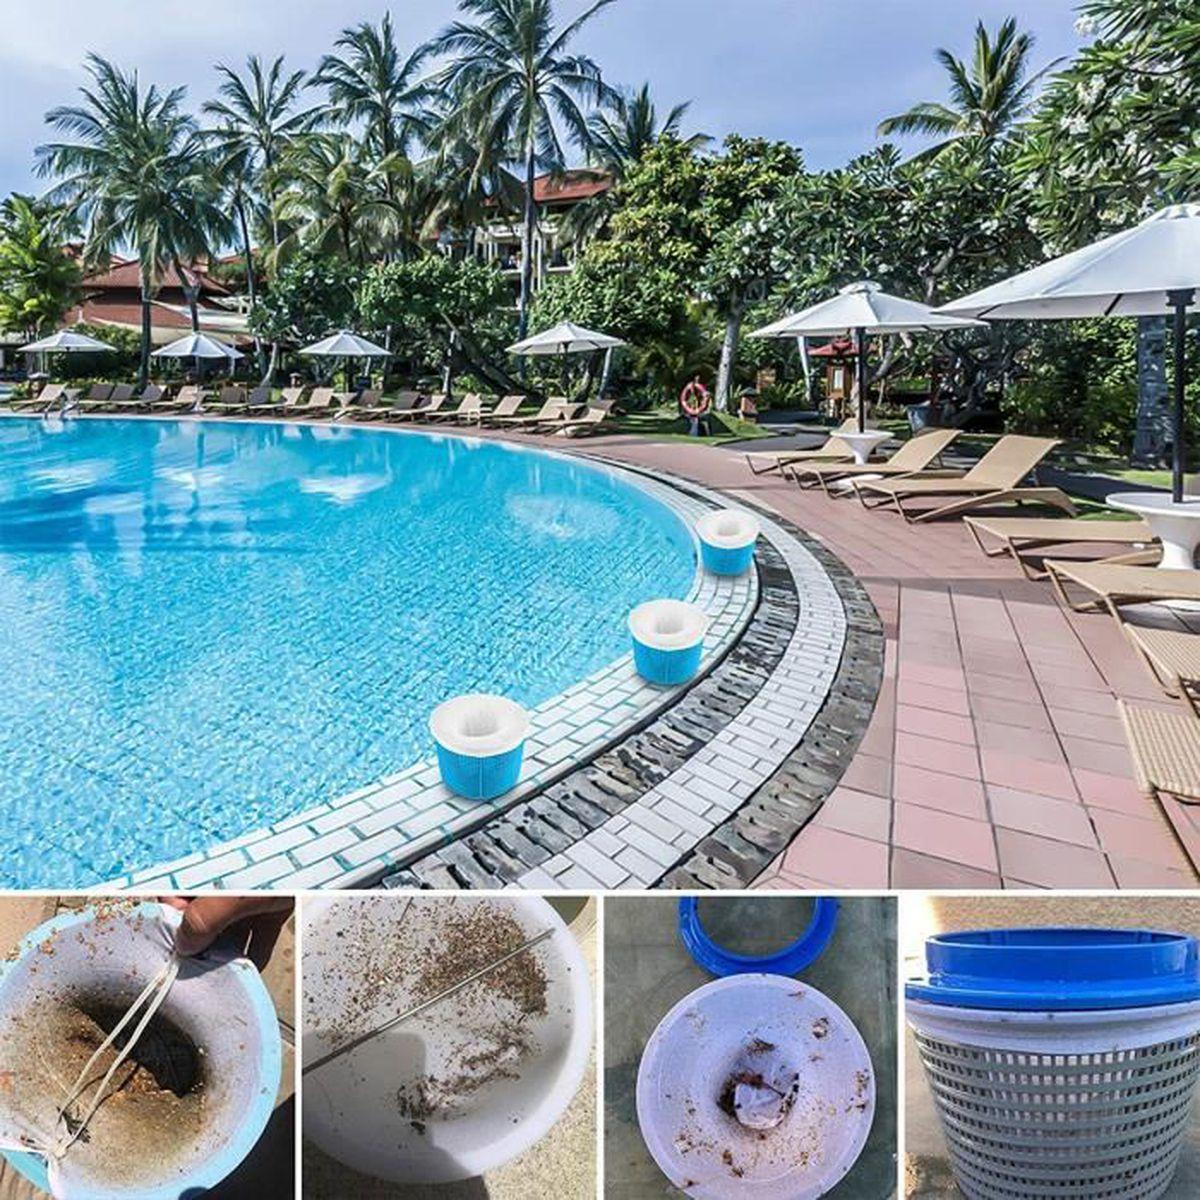 Filtre Piscine Lave Vaisselle topown 10pcs chaussettes skimmer piscine / poche filtrante